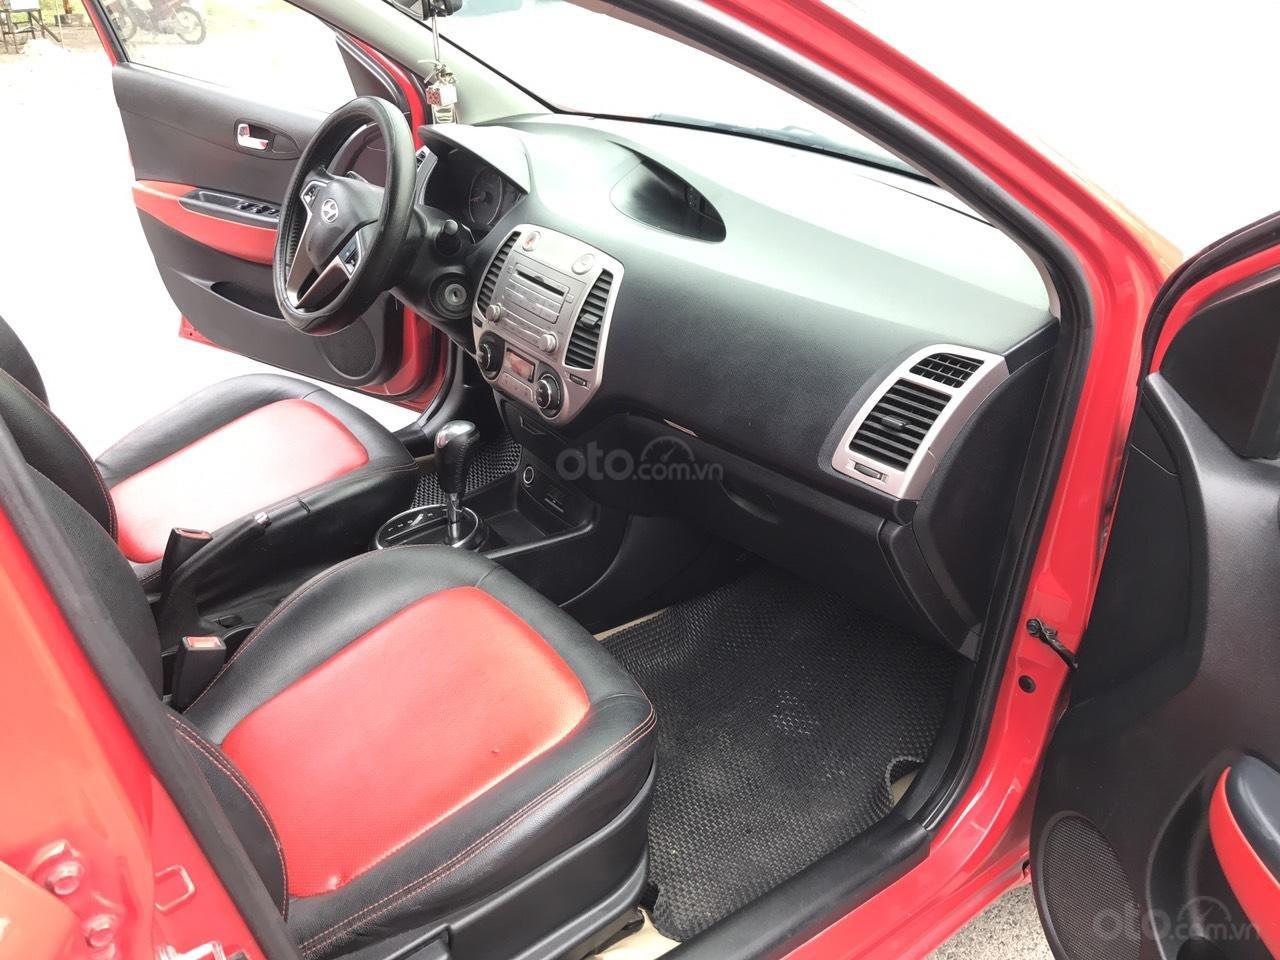 Bán Hyundai i20 1.4 AT đời 2011, màu đỏ, xe nhập, bản full, xe xuất sắc luôn (7)